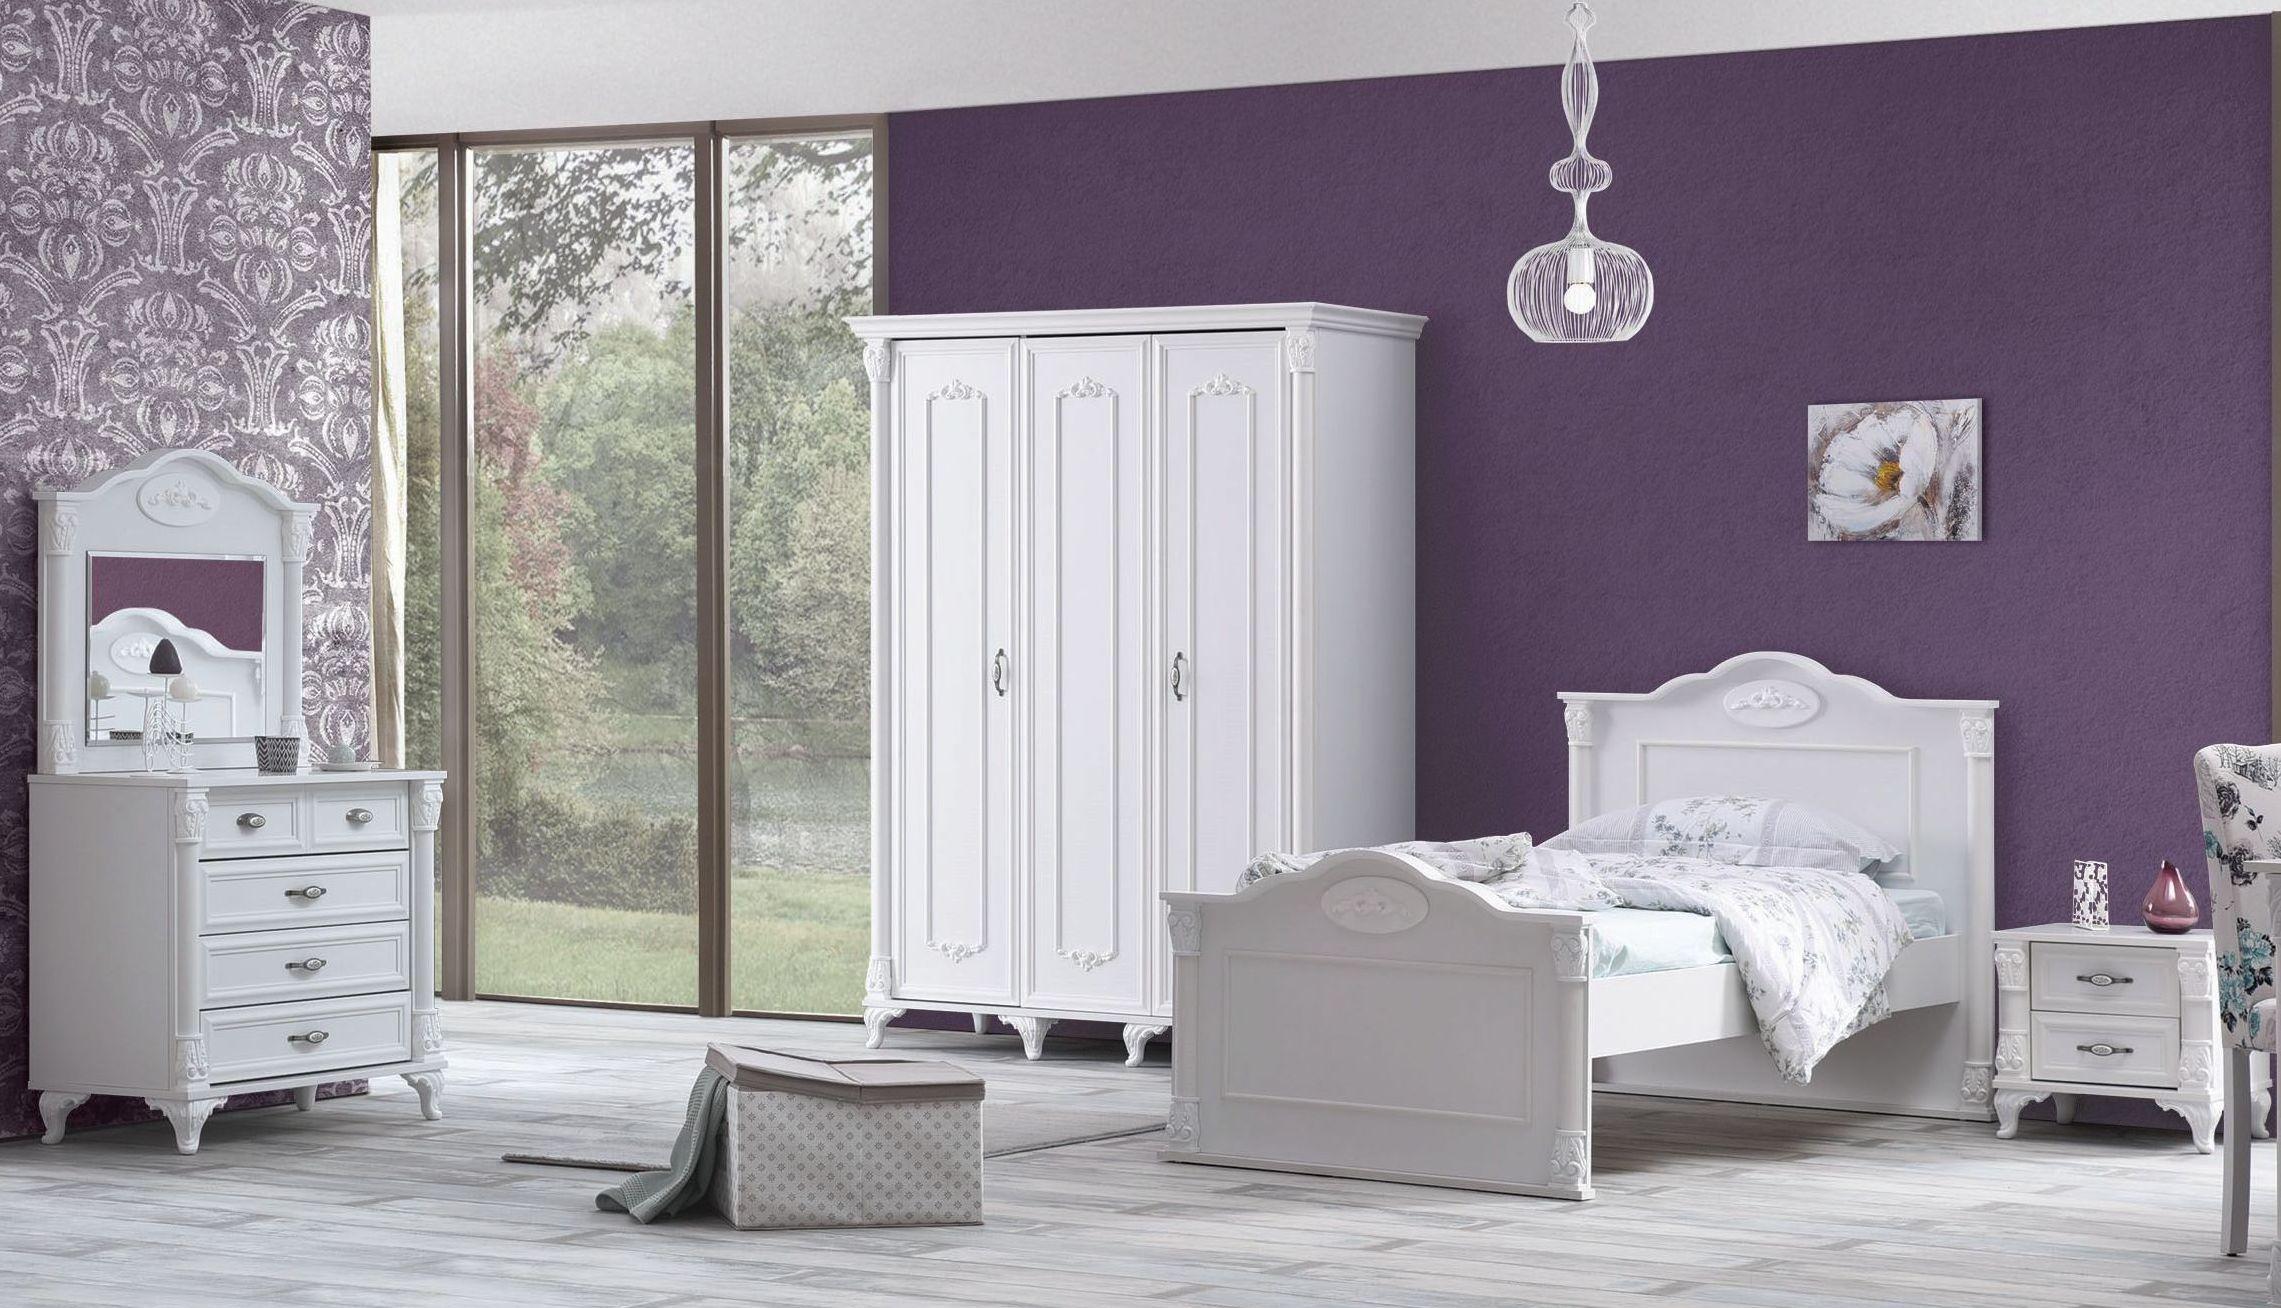 romantisches kinderzimmer romantik im landhausstil weiss g nstig kaufen 10 rabatt extra f r. Black Bedroom Furniture Sets. Home Design Ideas